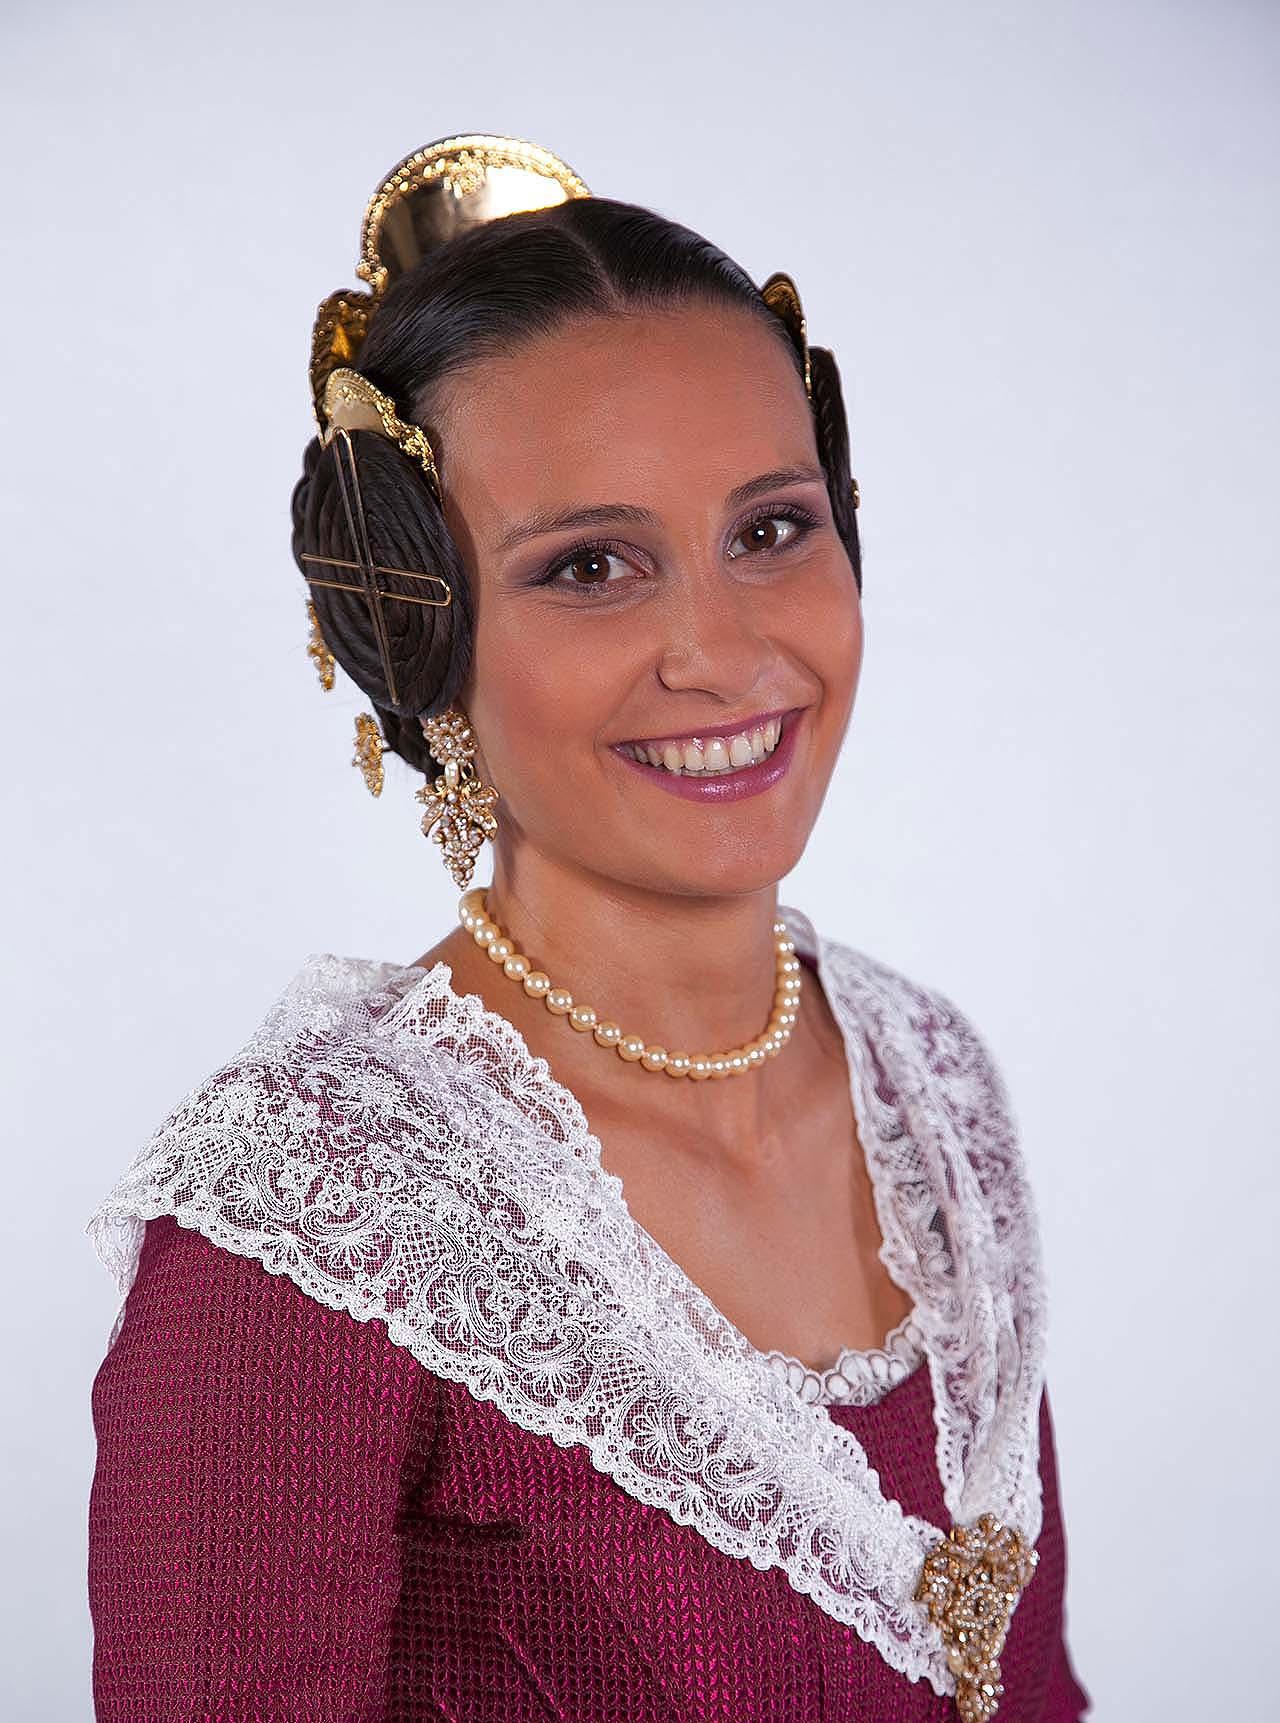 María Gómez Niclos